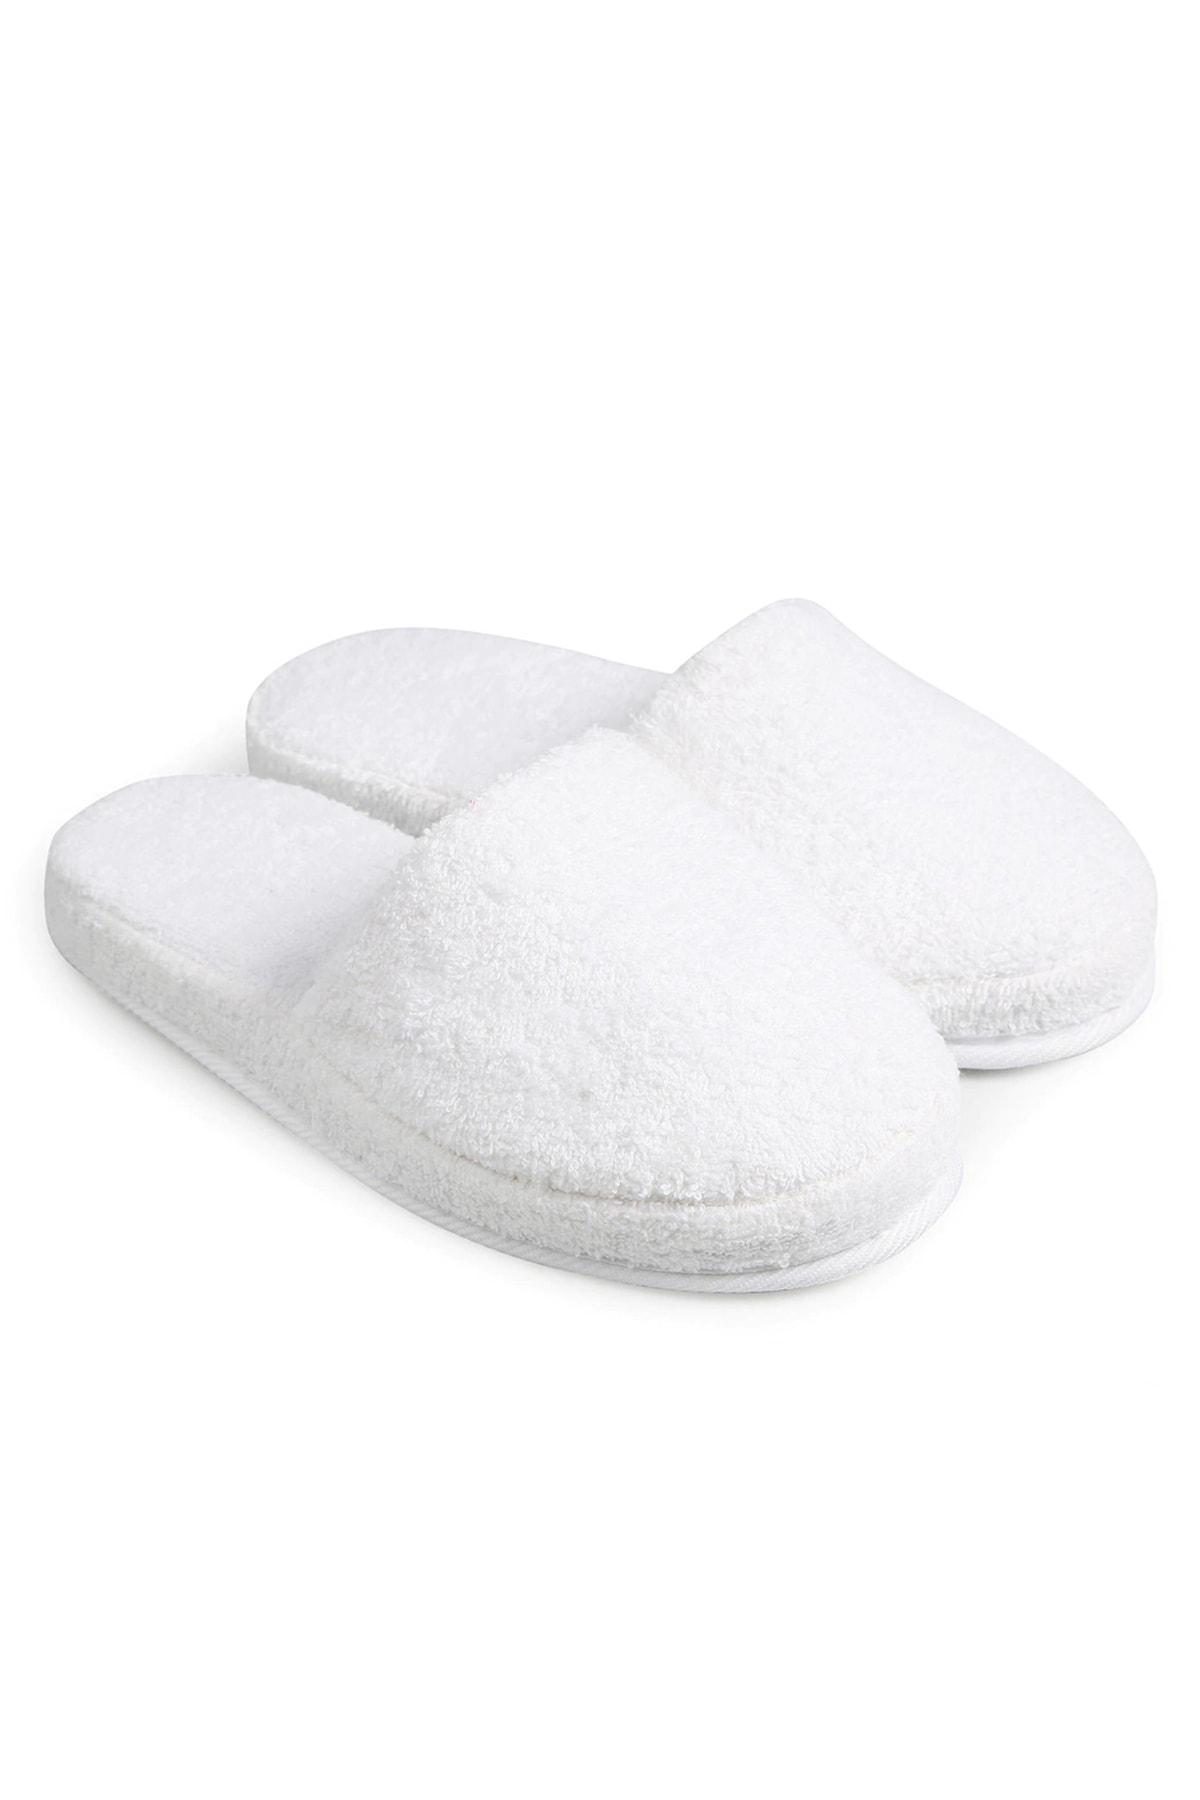 Bihızlı Unisex Beyaz Yüksek Tabanlı Banyo Terliği 1